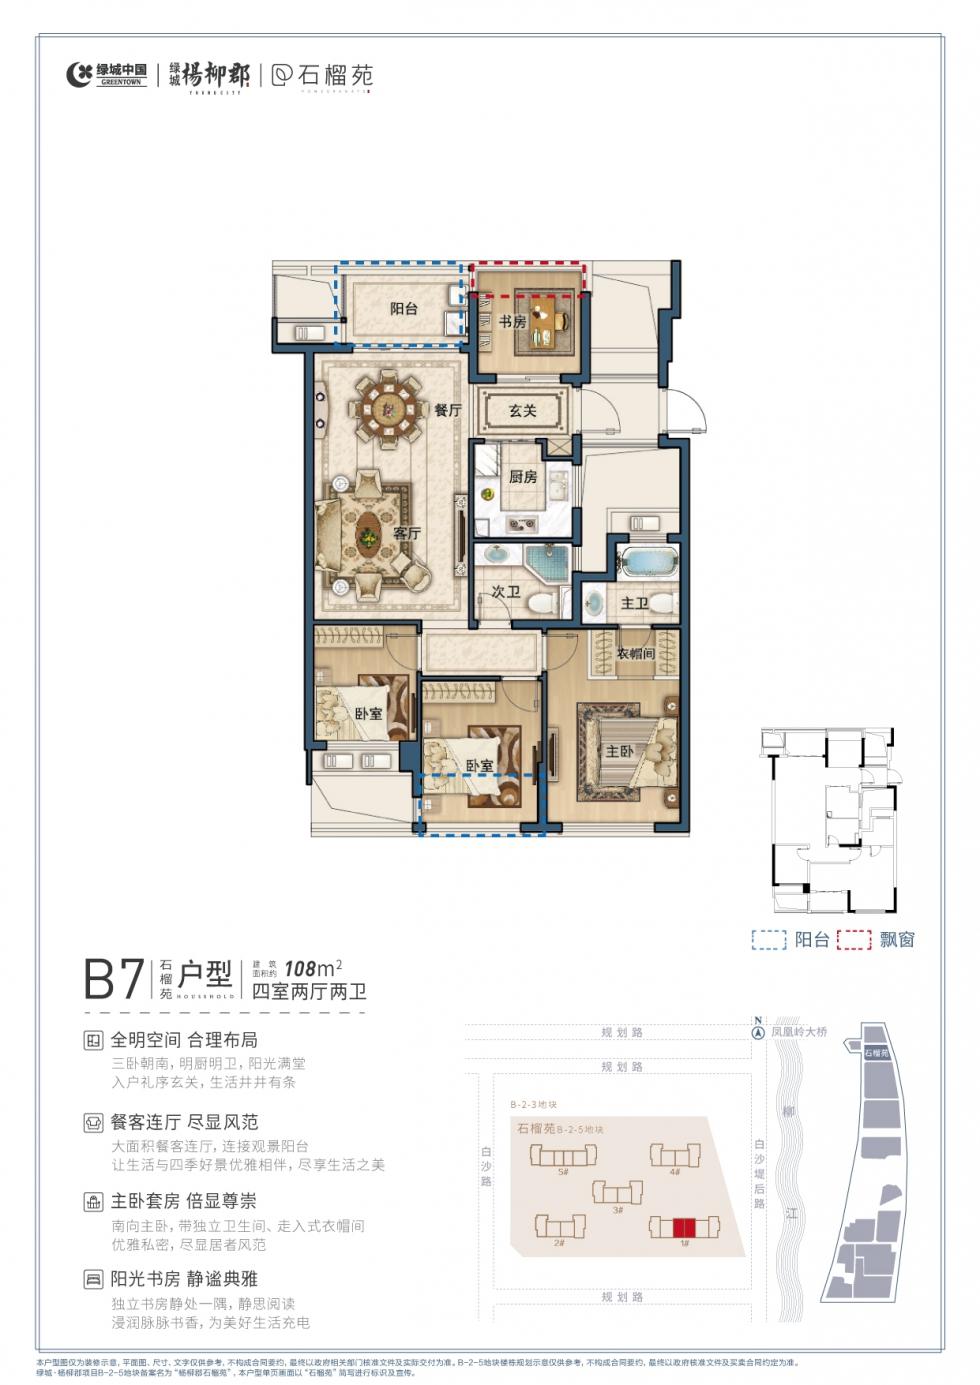 20201229 石榴苑户型单页-16(1).jpg